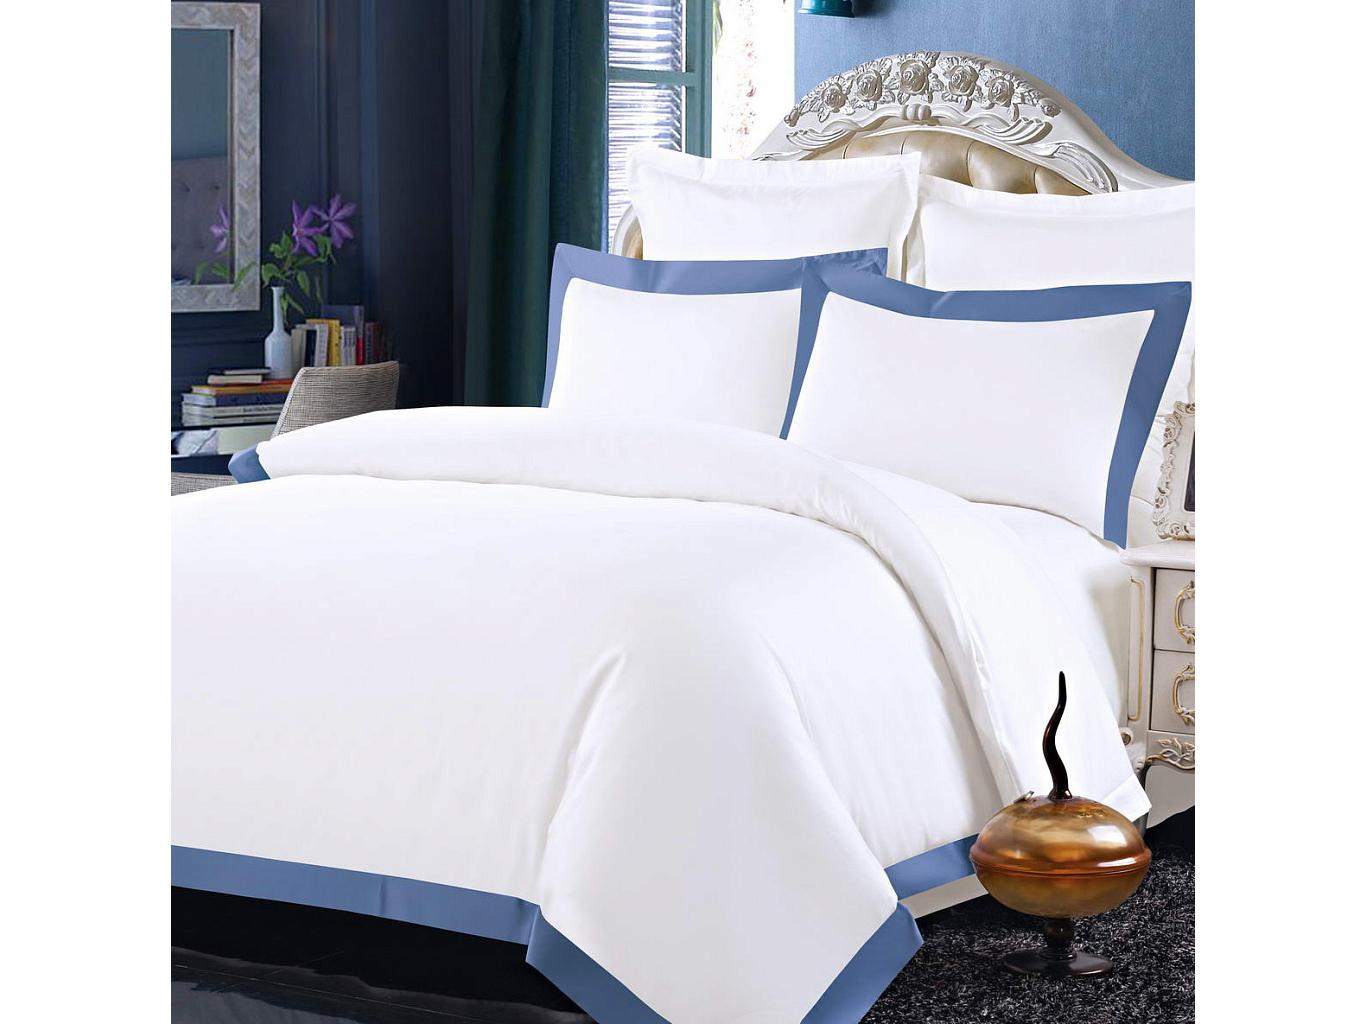 Комплект постельного белья МортеллоДвуспальные комплекты постельного белья<br>&amp;lt;div&amp;gt;Великолепный белоснежный комплект из хлопка станет настоящим украшением для Вашей спальни. Наволочки с декоративными &amp;quot;ушками&amp;quot; пастельных цветов смотрятся необыкновенно стильно. Хлопковая нить сплетается определенным способом, это позволяет получить высокую плотность ткани, не теряя при этом мягкости.&amp;amp;nbsp;&amp;lt;/div&amp;gt;&amp;lt;div&amp;gt;&amp;lt;br&amp;gt;&amp;lt;/div&amp;gt;&amp;lt;div&amp;gt;Комплектация:&amp;lt;/div&amp;gt;&amp;lt;div&amp;gt;Пододеяльник: 160х220 см(2 шт.)&amp;lt;/div&amp;gt;&amp;lt;div&amp;gt;Простыня: 230х250 см(1 шт.)&amp;amp;nbsp;&amp;lt;/div&amp;gt;&amp;lt;div&amp;gt;Наволочки: 50х70 см(2 шт.),&amp;lt;/div&amp;gt;&amp;lt;div&amp;gt;Наволочки: 70х70 см(2шт.)&amp;amp;nbsp;&amp;lt;/div&amp;gt;&amp;lt;div&amp;gt;Состав: 100%хлопок&amp;lt;/div&amp;gt;<br><br>Material: Текстиль<br>Ширина см: 230.0<br>Глубина см: 250.0